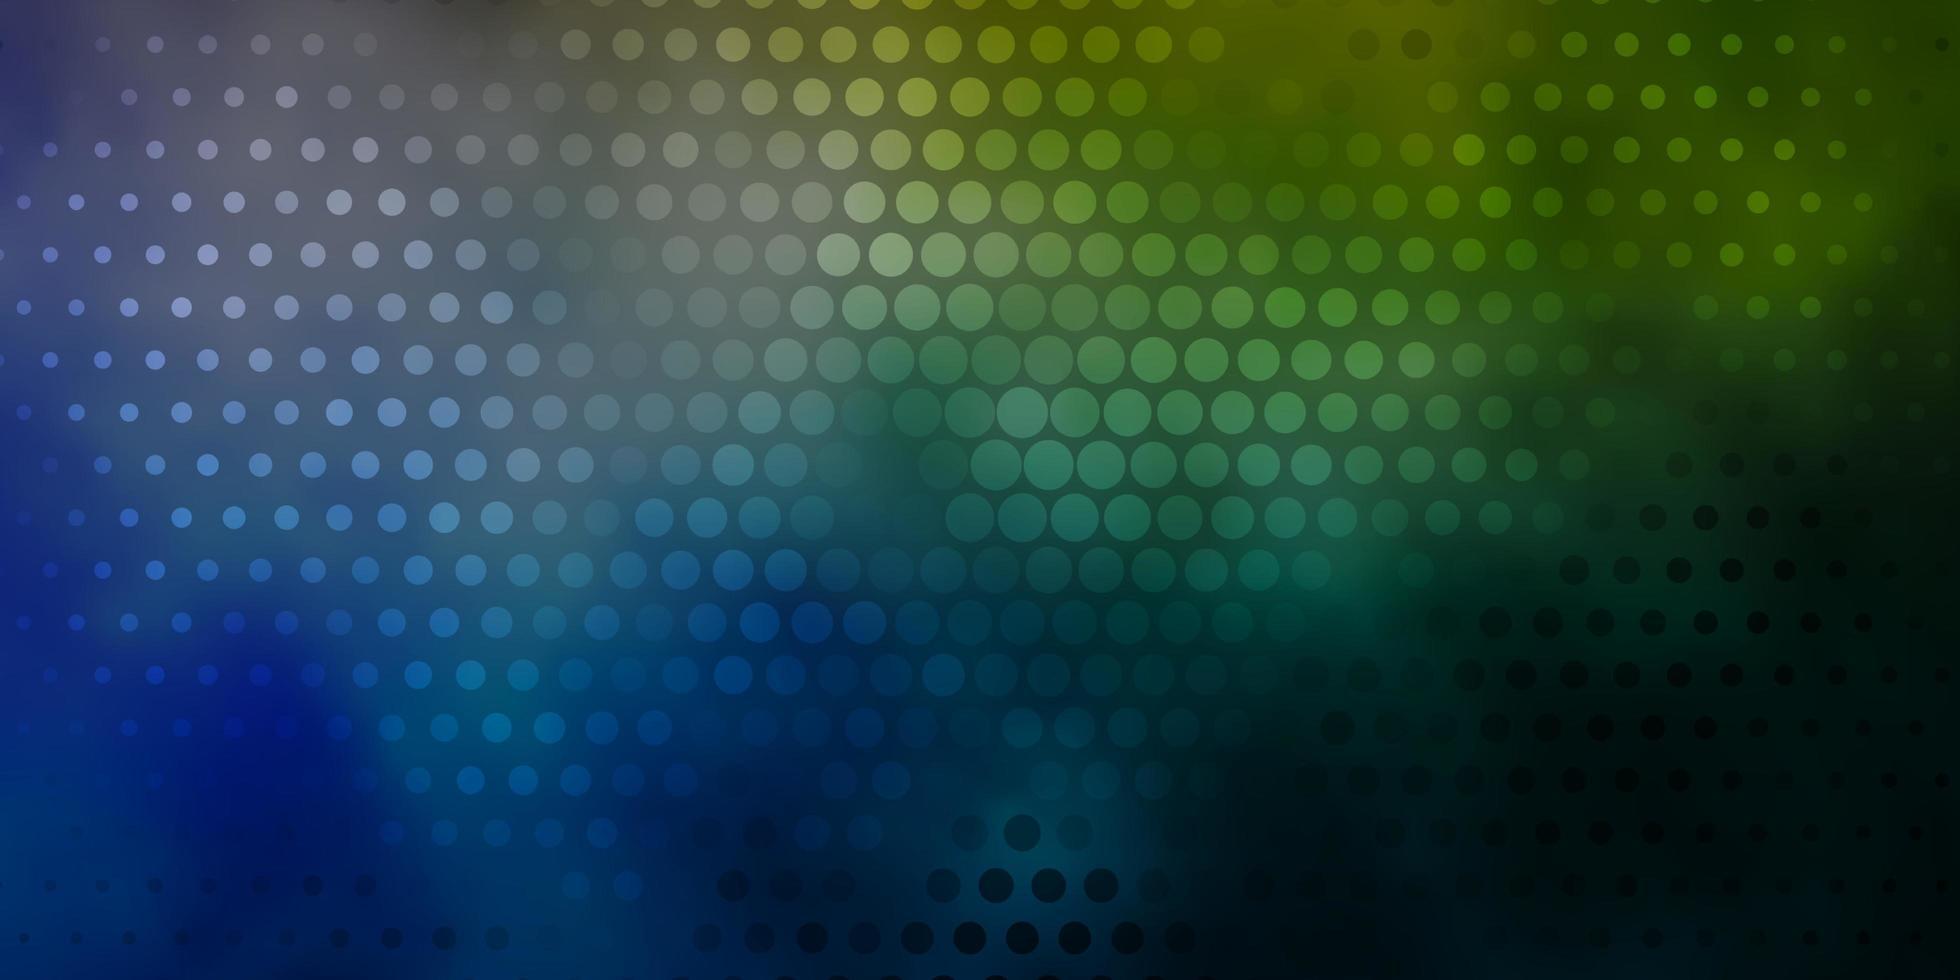 hellblauer, gelber Hintergrund mit Punkten. vektor